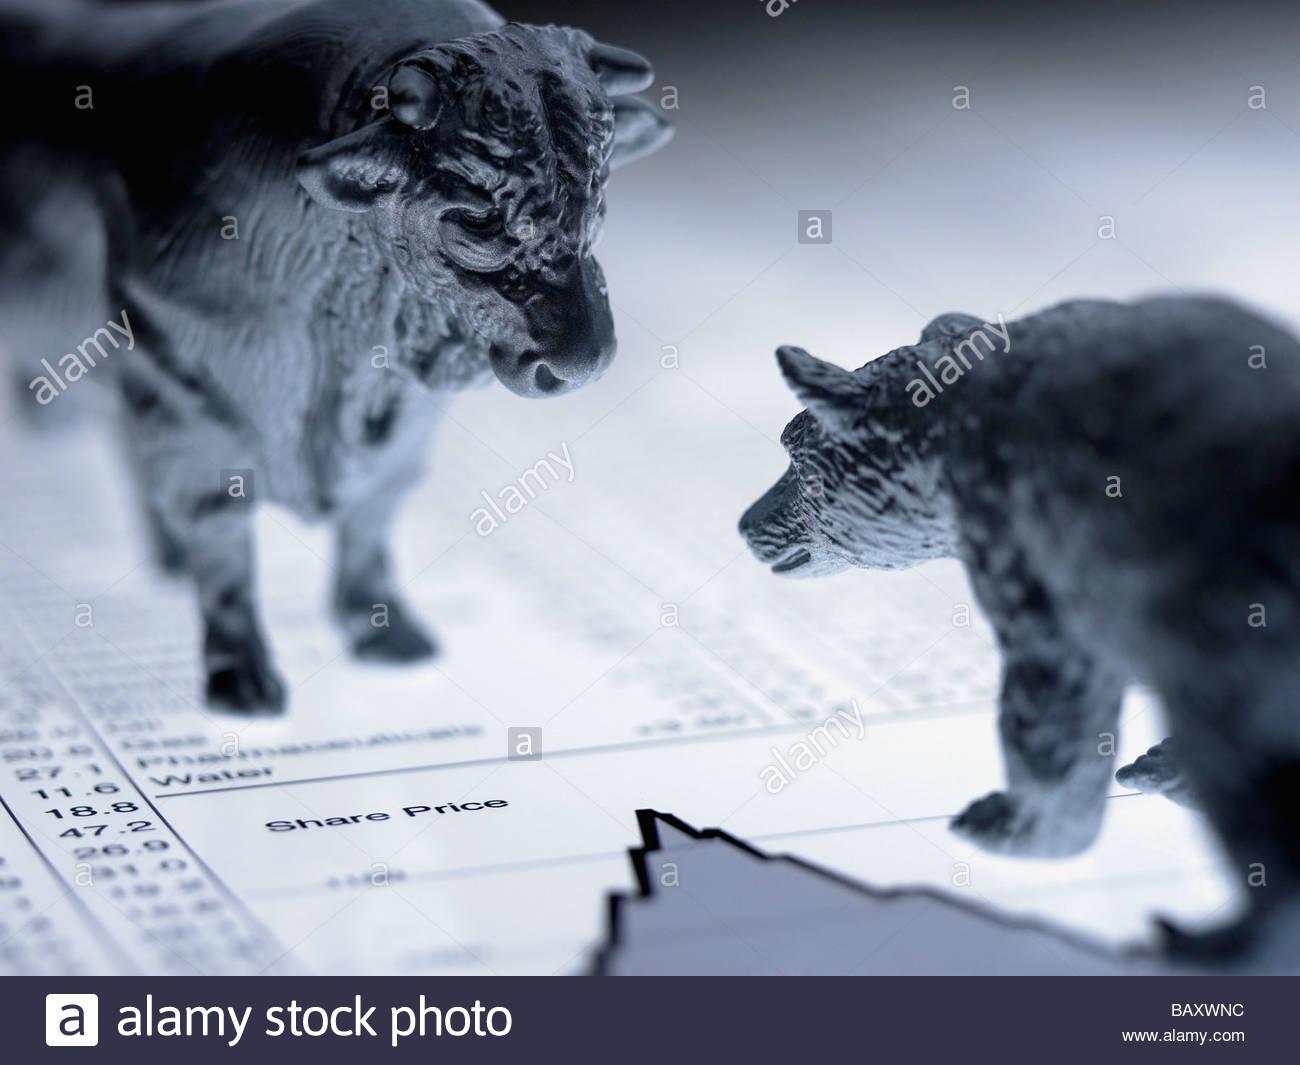 Bulle und Bär Figuren auf Liste der Aktienkurse Stockbild